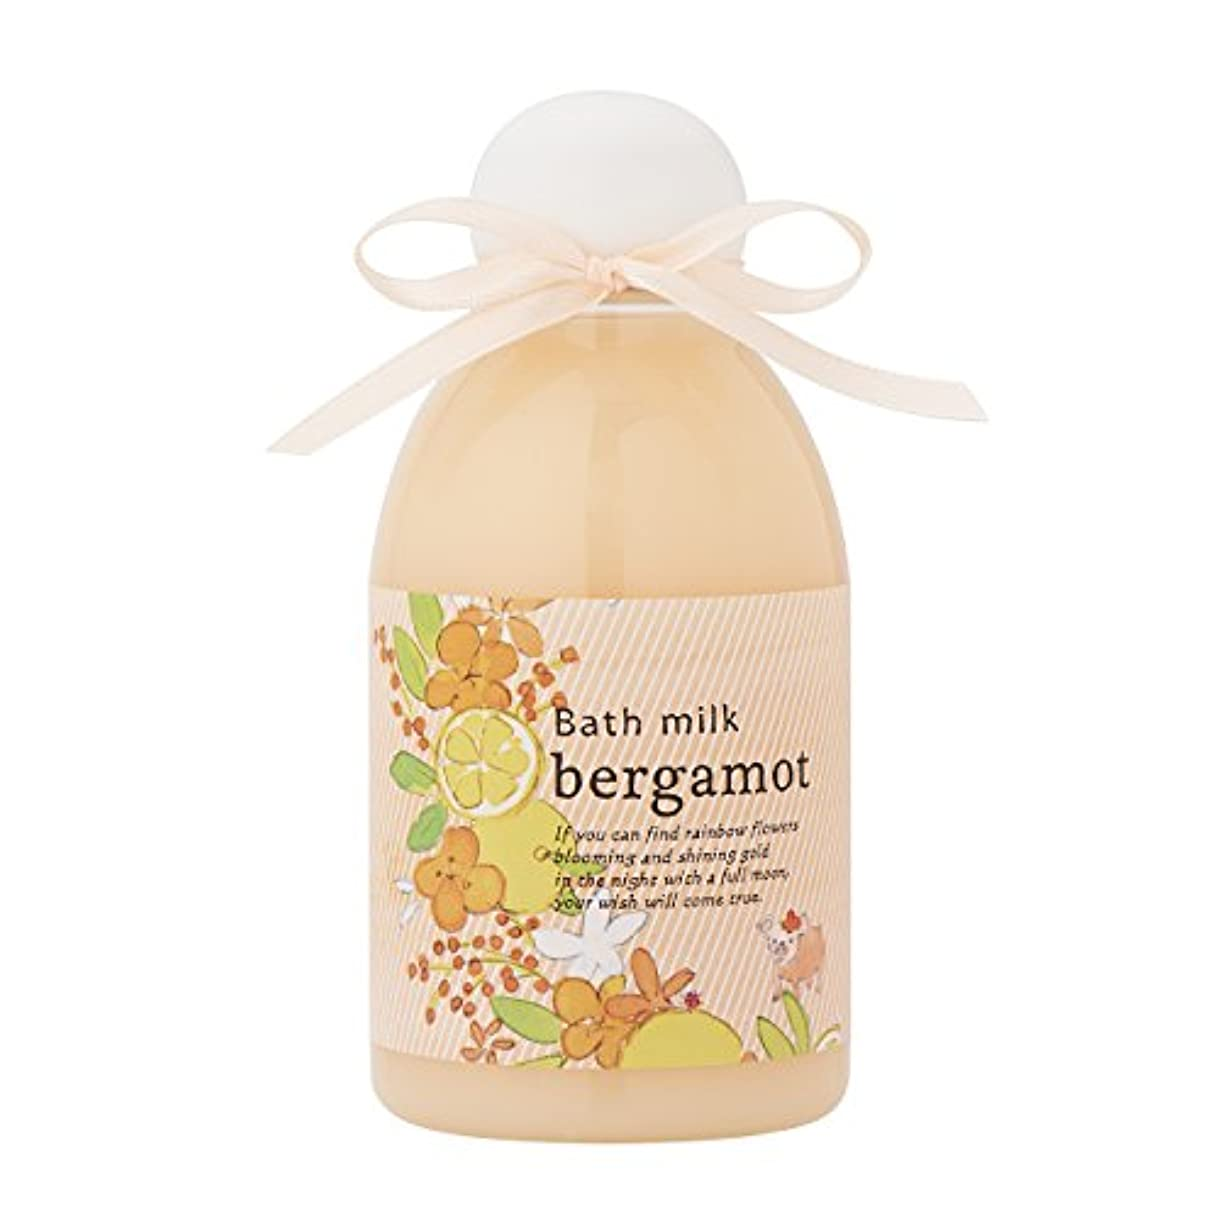 忌避剤実行可能テーマサンハーブ バスミルク ベルガモット 200ml(バブルバスタイプ入浴料 泡風呂 懐かしい甘酸っぱい香り)